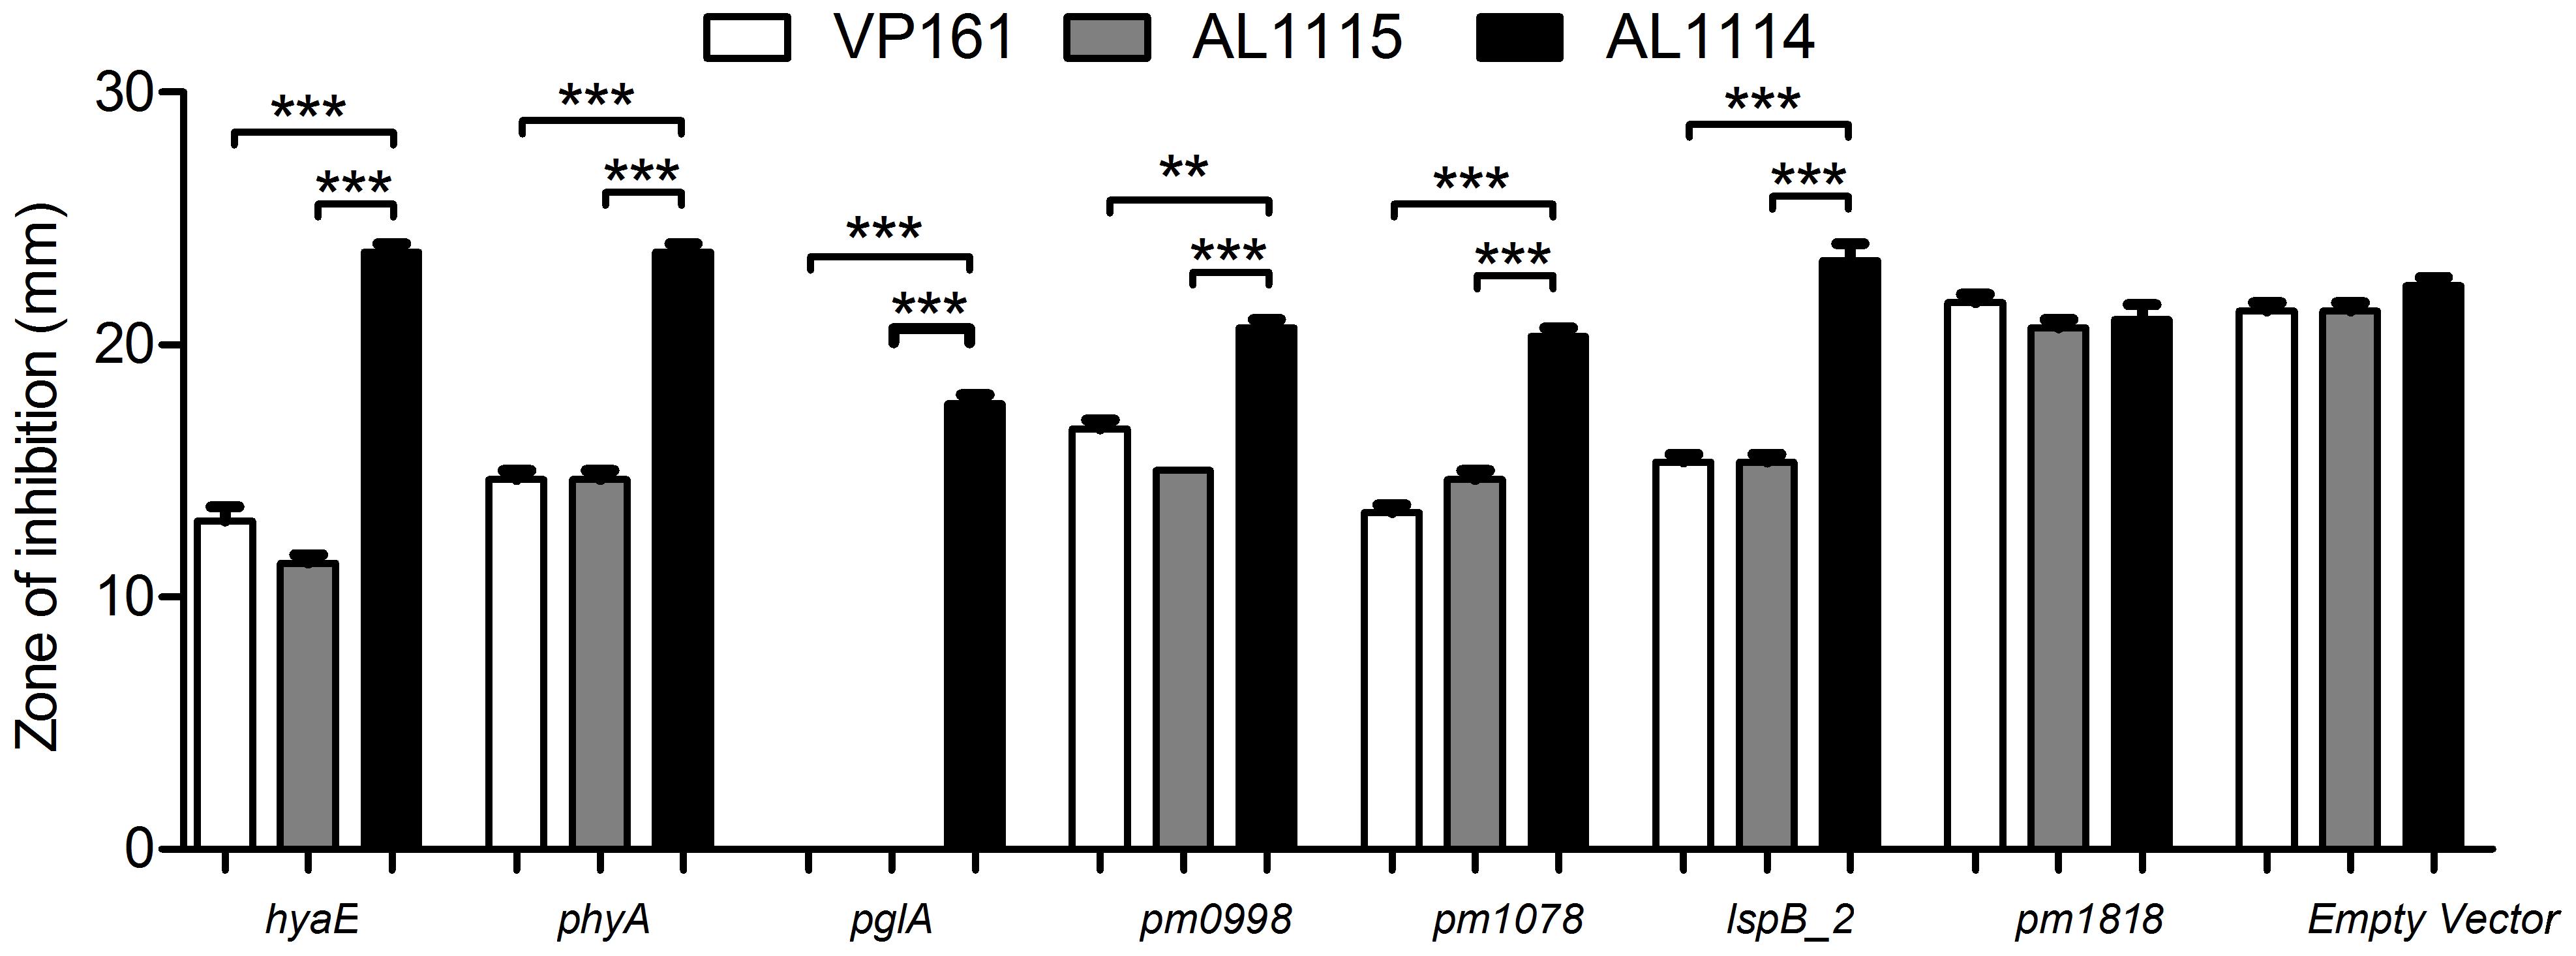 Sensitivity of <i>P. multocida</i> strains to kanamycin as determined by disc diffusion assays.